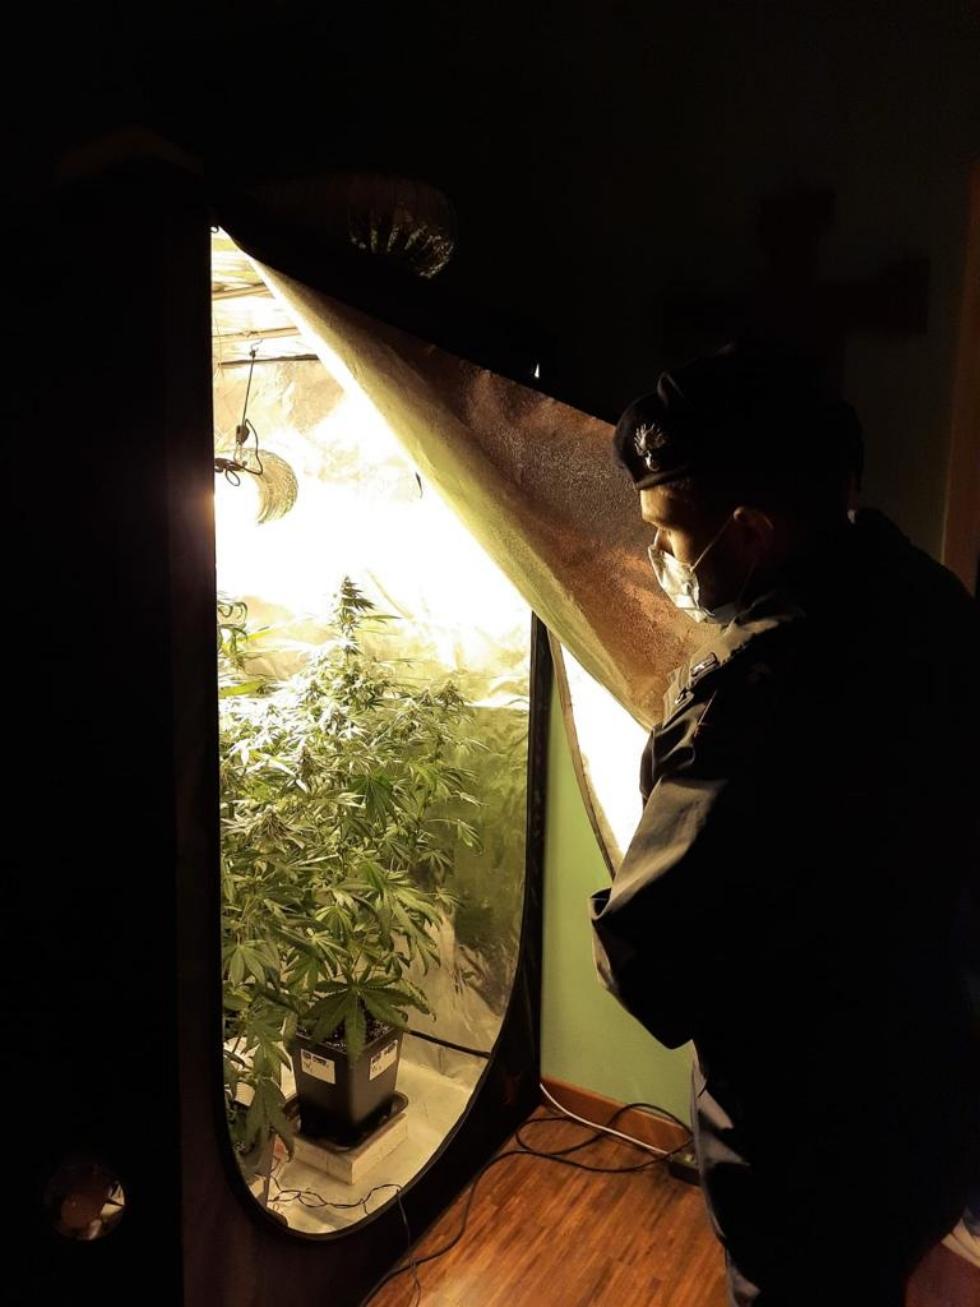 VENARIA - L'abitazione trasformata in piccola serra per coltivare l'amnesia: 43enne in manette